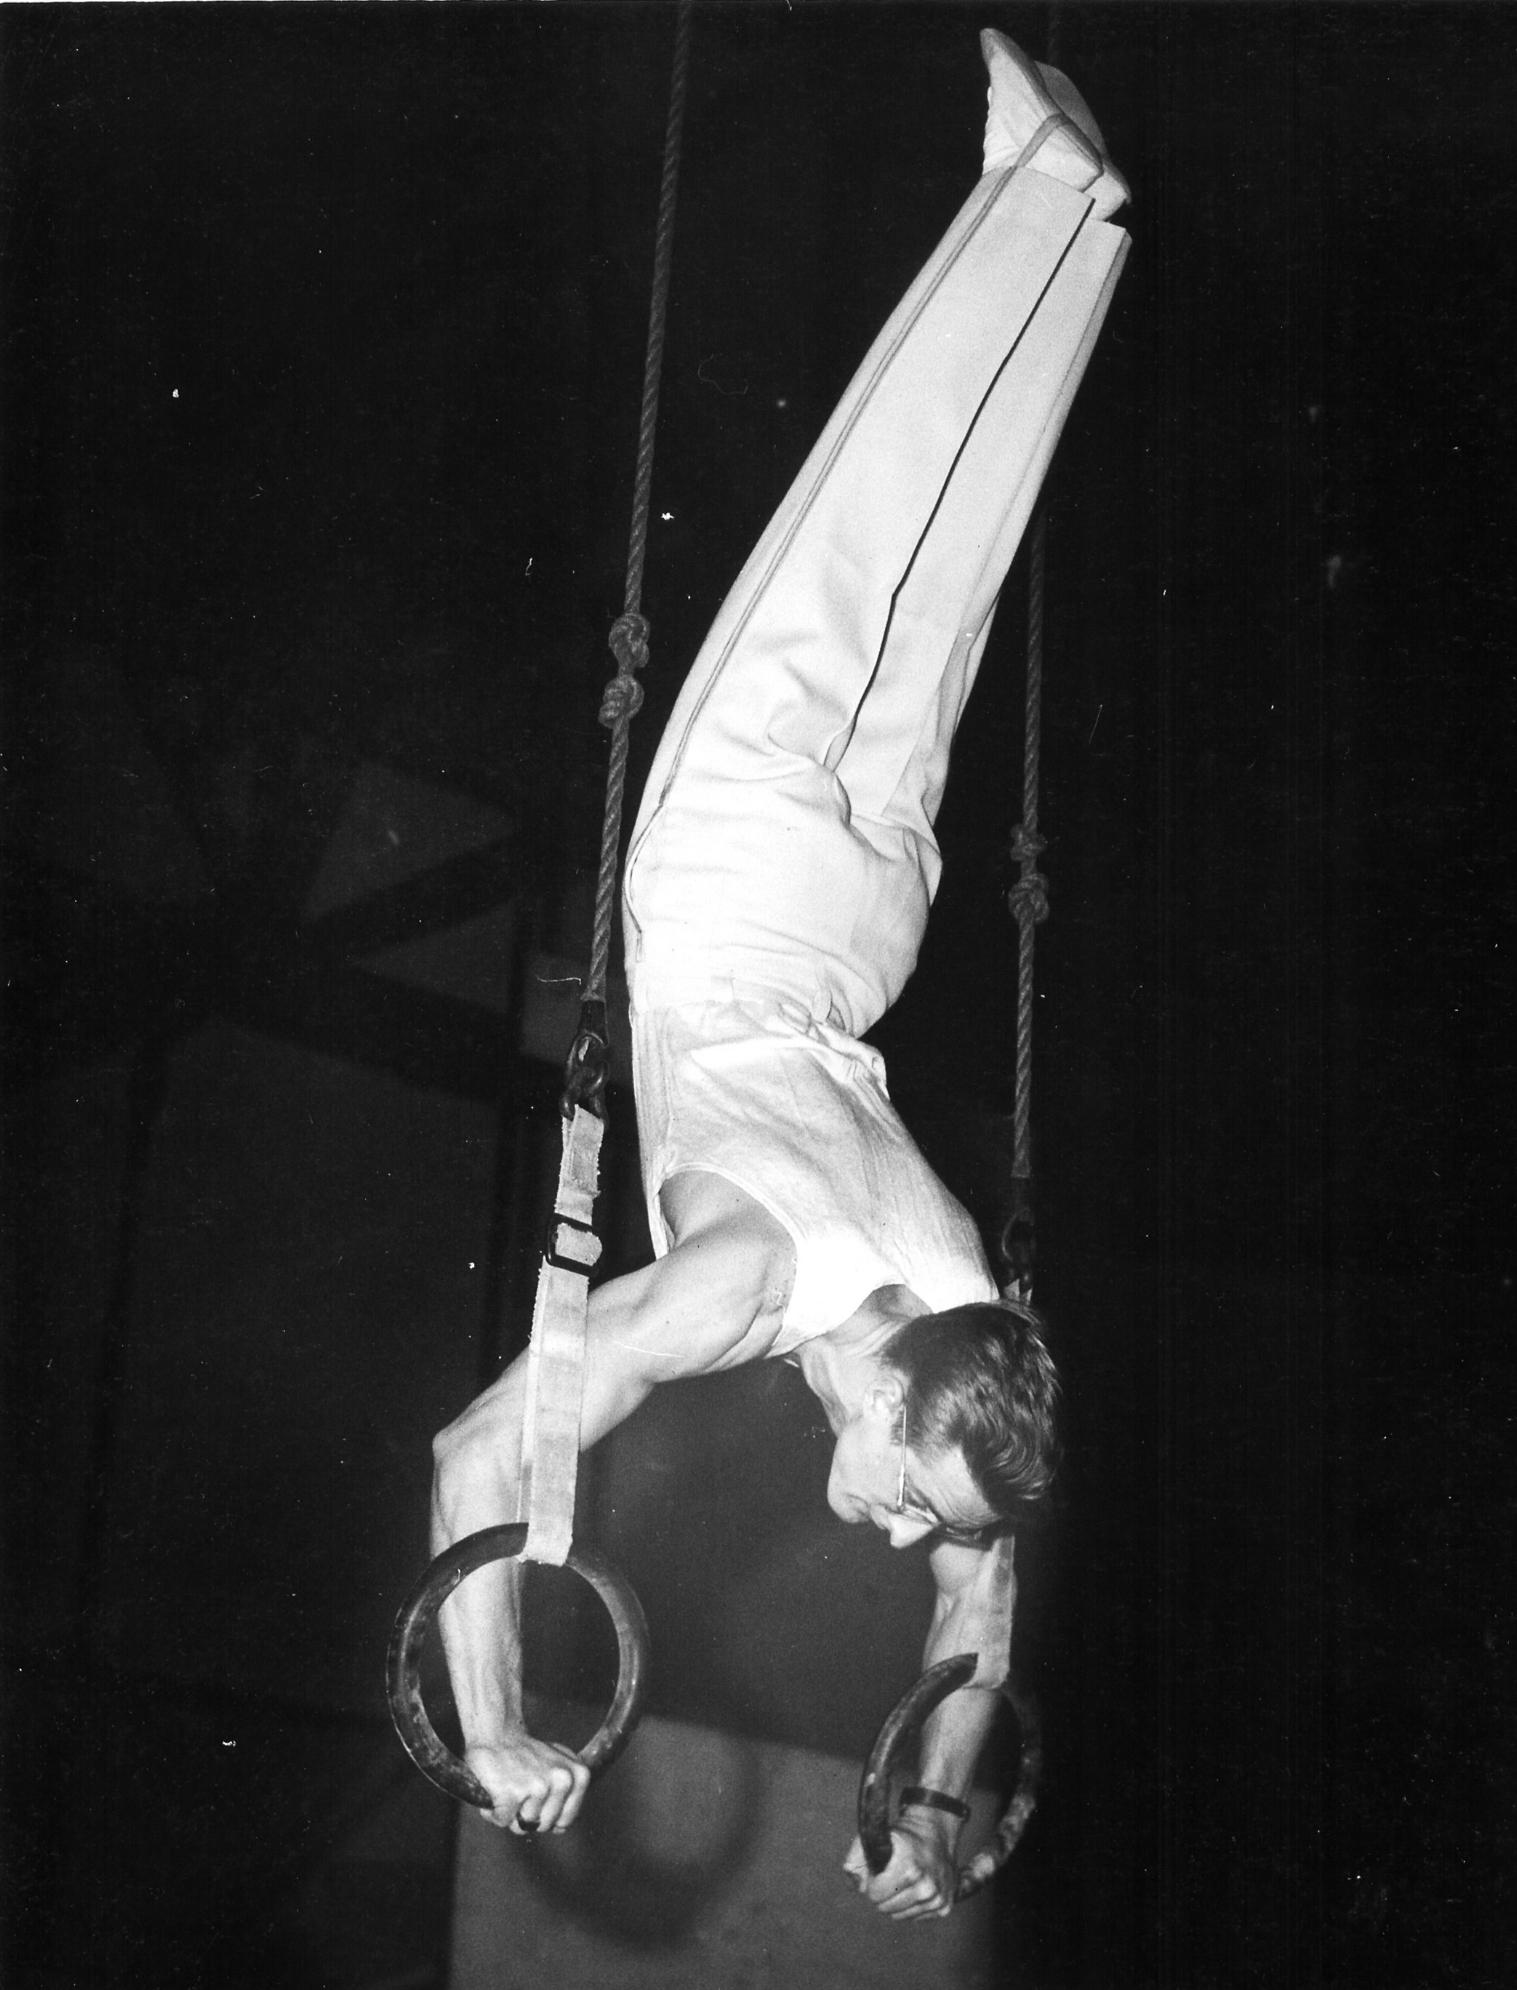 Al Kuckhoff on rings (1951)